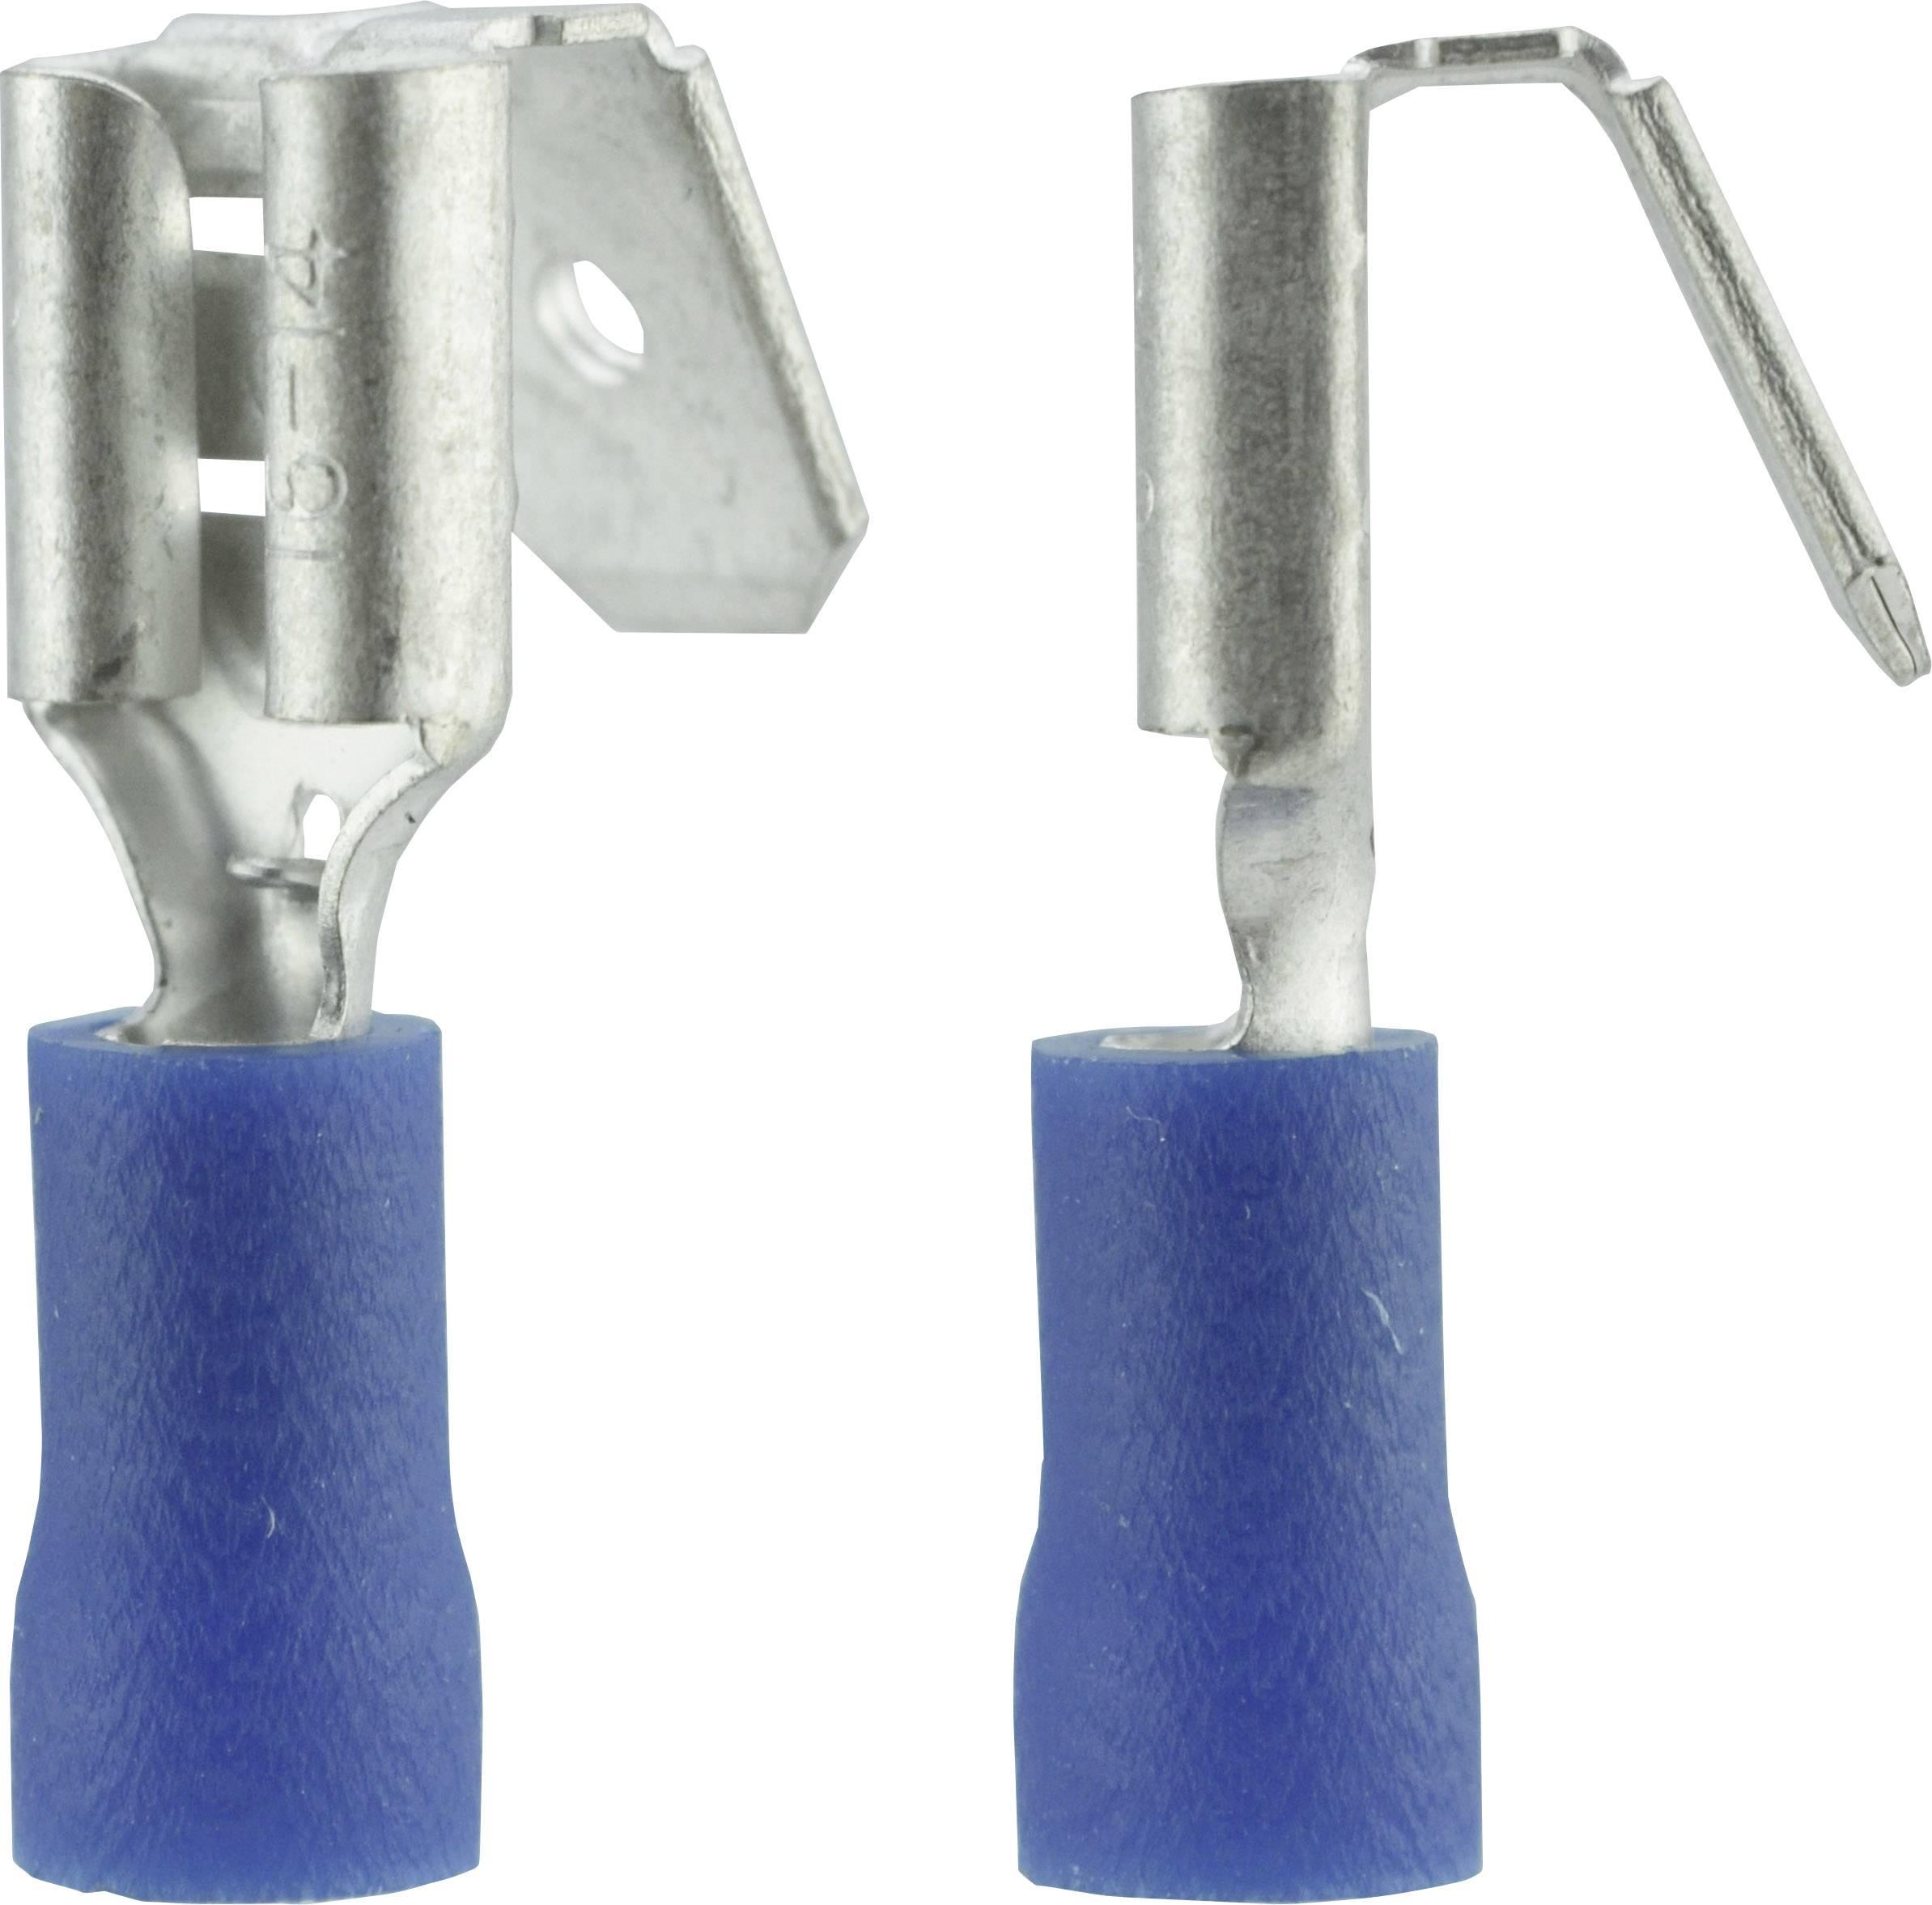 Faston zásuvka Vogt Verbindungstechnik 3926S s odbočkou, 6.3 mm x 0.8 mm, 180 °, částečná izolace, modrá, 1 ks